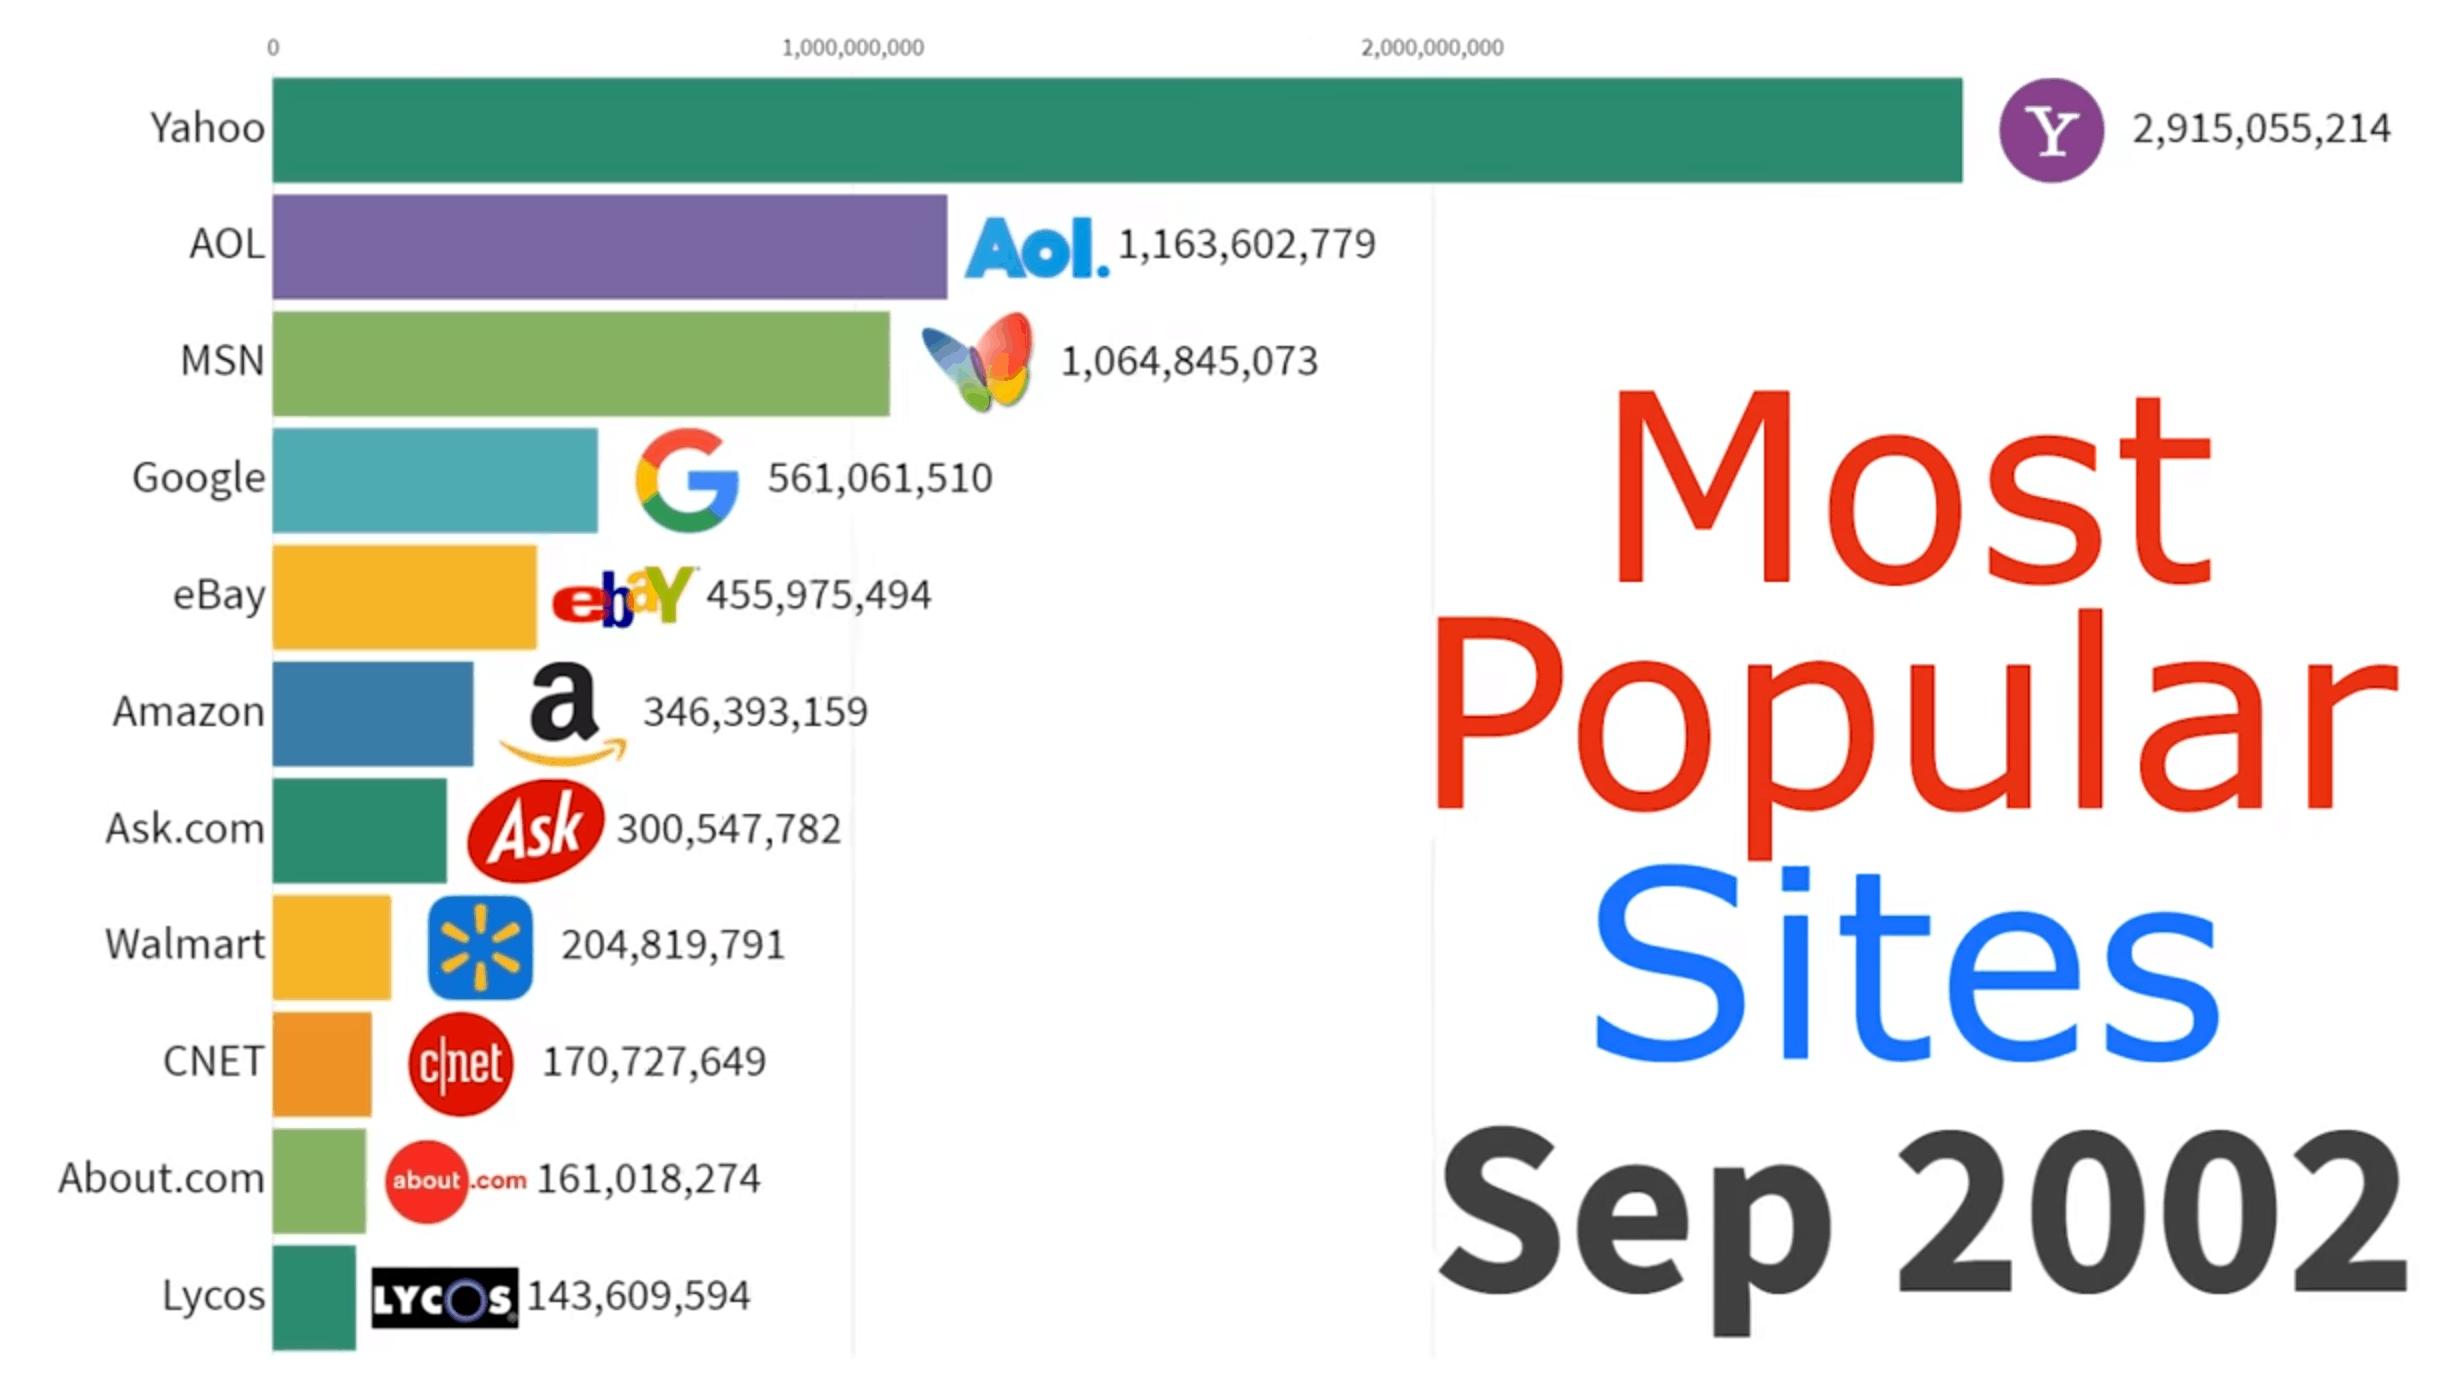 χρονοδιάγραμμα οι πιο δημοφιλείς ιστοσελίδες